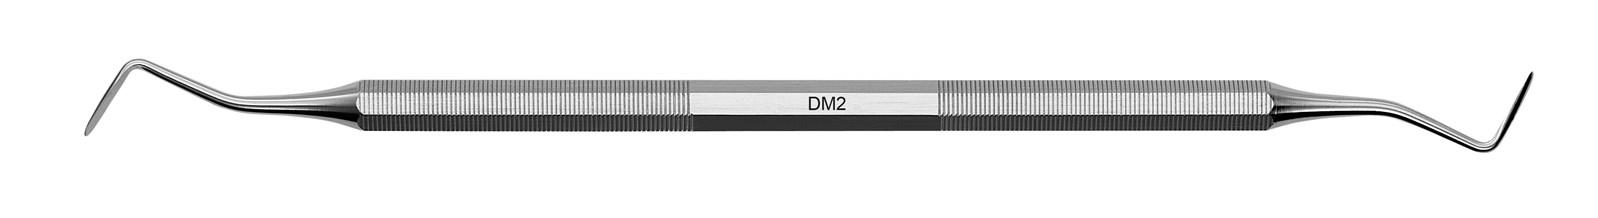 Lžičkové dlátko - DM2, ADEP žlutý